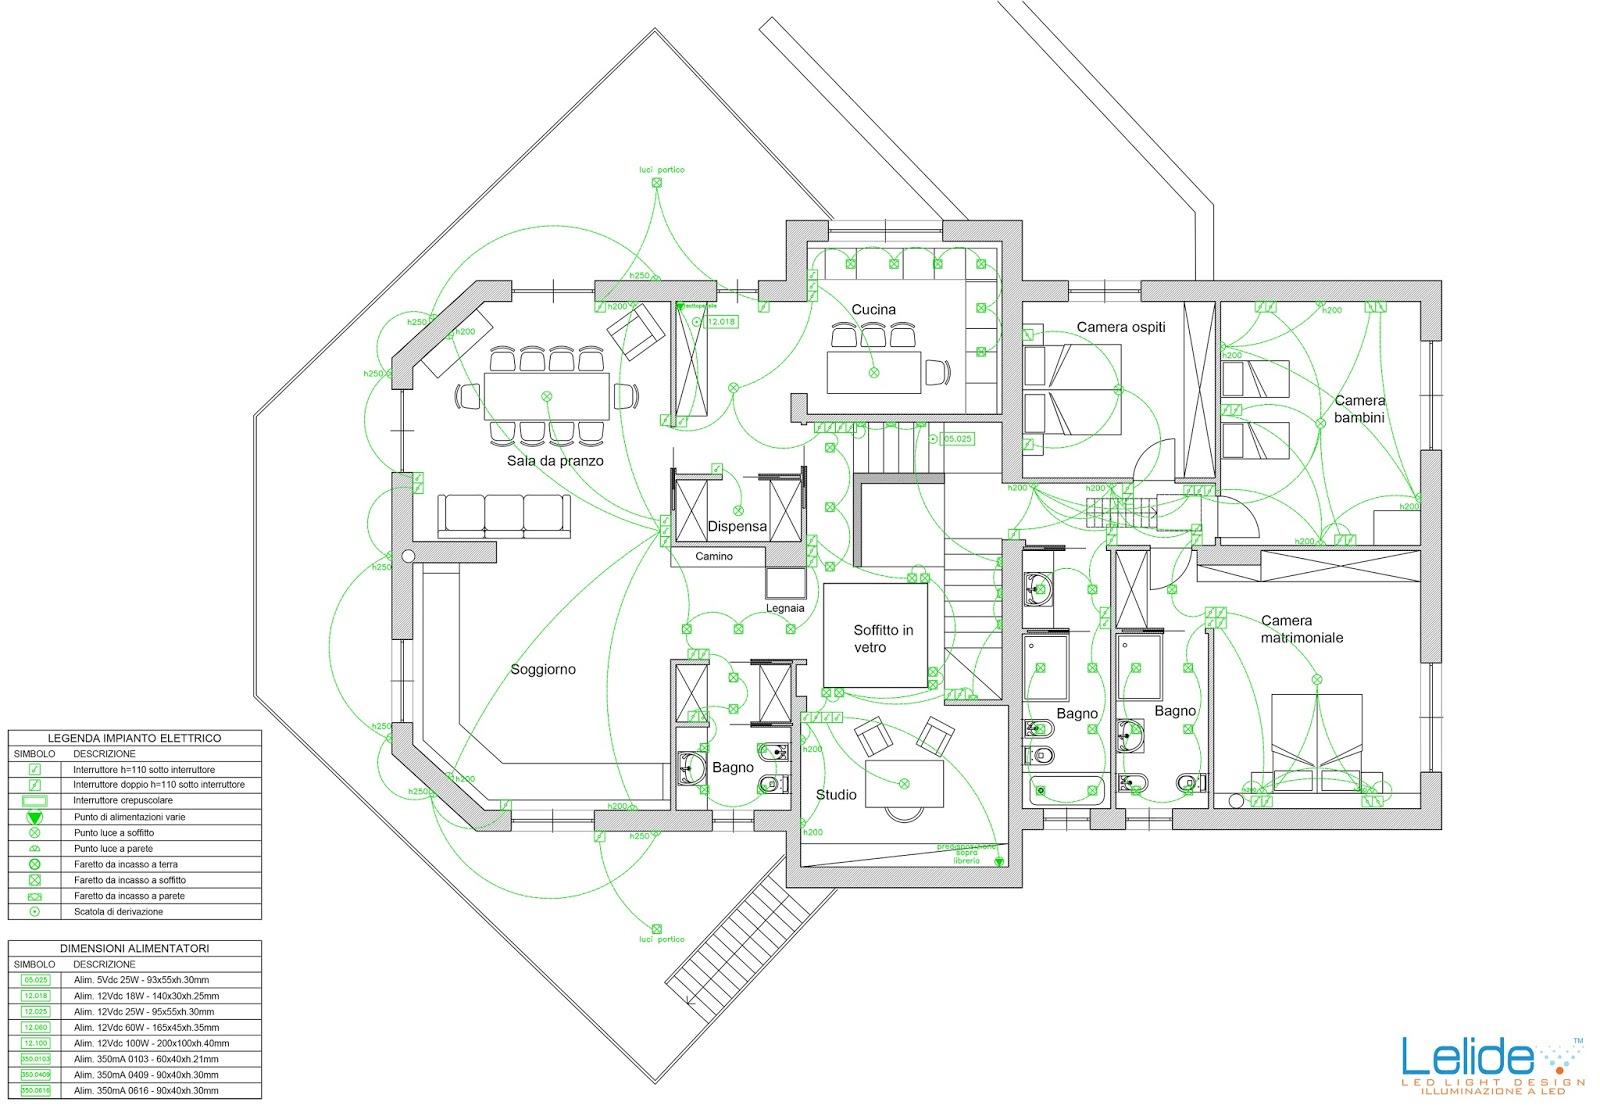 Illuminazione led casa il progetto illuminotecnico for Progettazione impianto elettrico casa